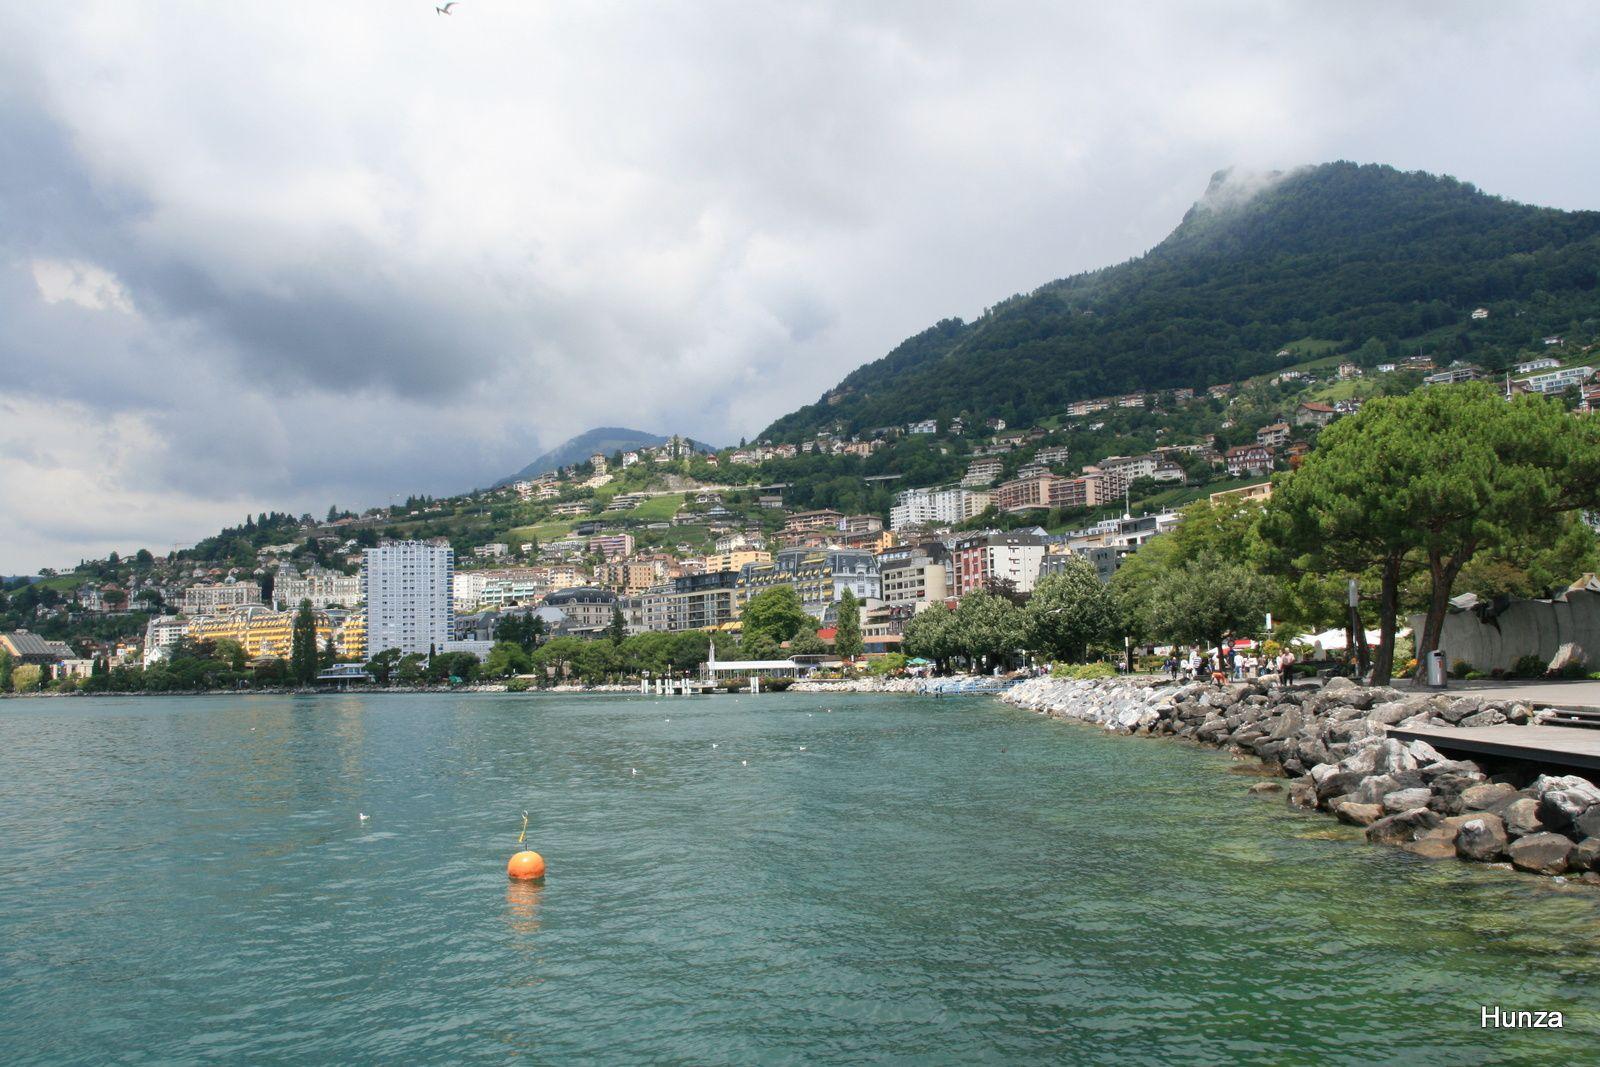 Les bords du lac Léman à Montreux